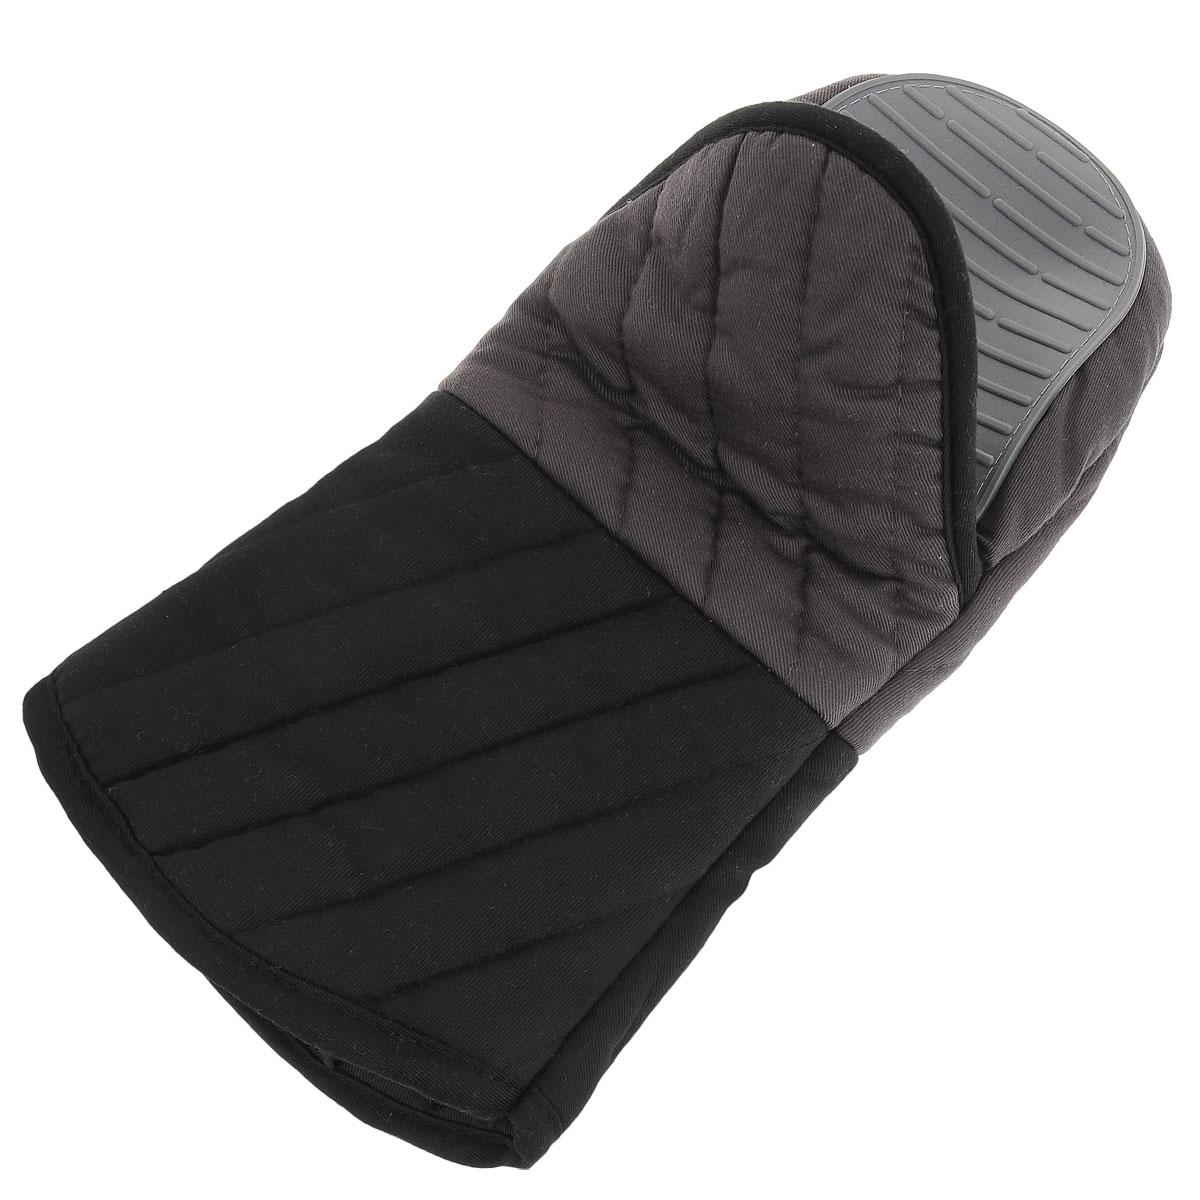 Рукавица-прихватка Tefal Comfort Touch, с силиконовый покрытием, цвет: серый, черныйVT-1520(SR)Рукавица-прихватка Tefal Comfort Touch поможет аккуратно достать горячее блюдо и не обжечь руки. Рукавица изготовлена из простроченного текстиля и оснащена силиконовым покрытием, которое выдерживает высокие температуры. Изделие оснащено петелькой, благодаря которой прихватку можно подвесить.Такая прихватка - помощница любой хозяйке и незаменимый аксессуар на кухне!